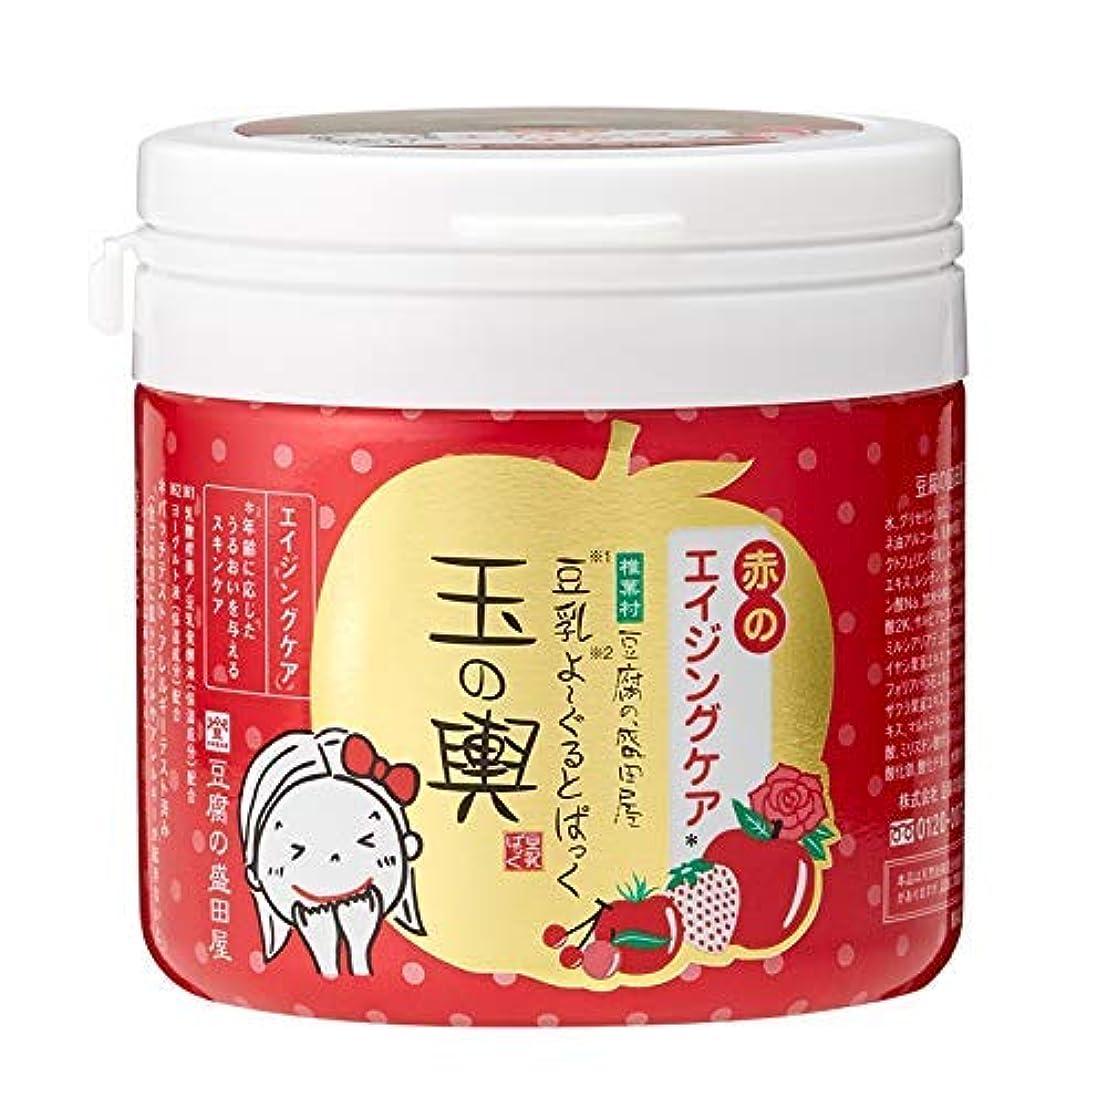 大気感じするだろう豆腐の盛田屋 豆乳よーぐるとぱっく 玉の輿 赤のエイジングケア 150g